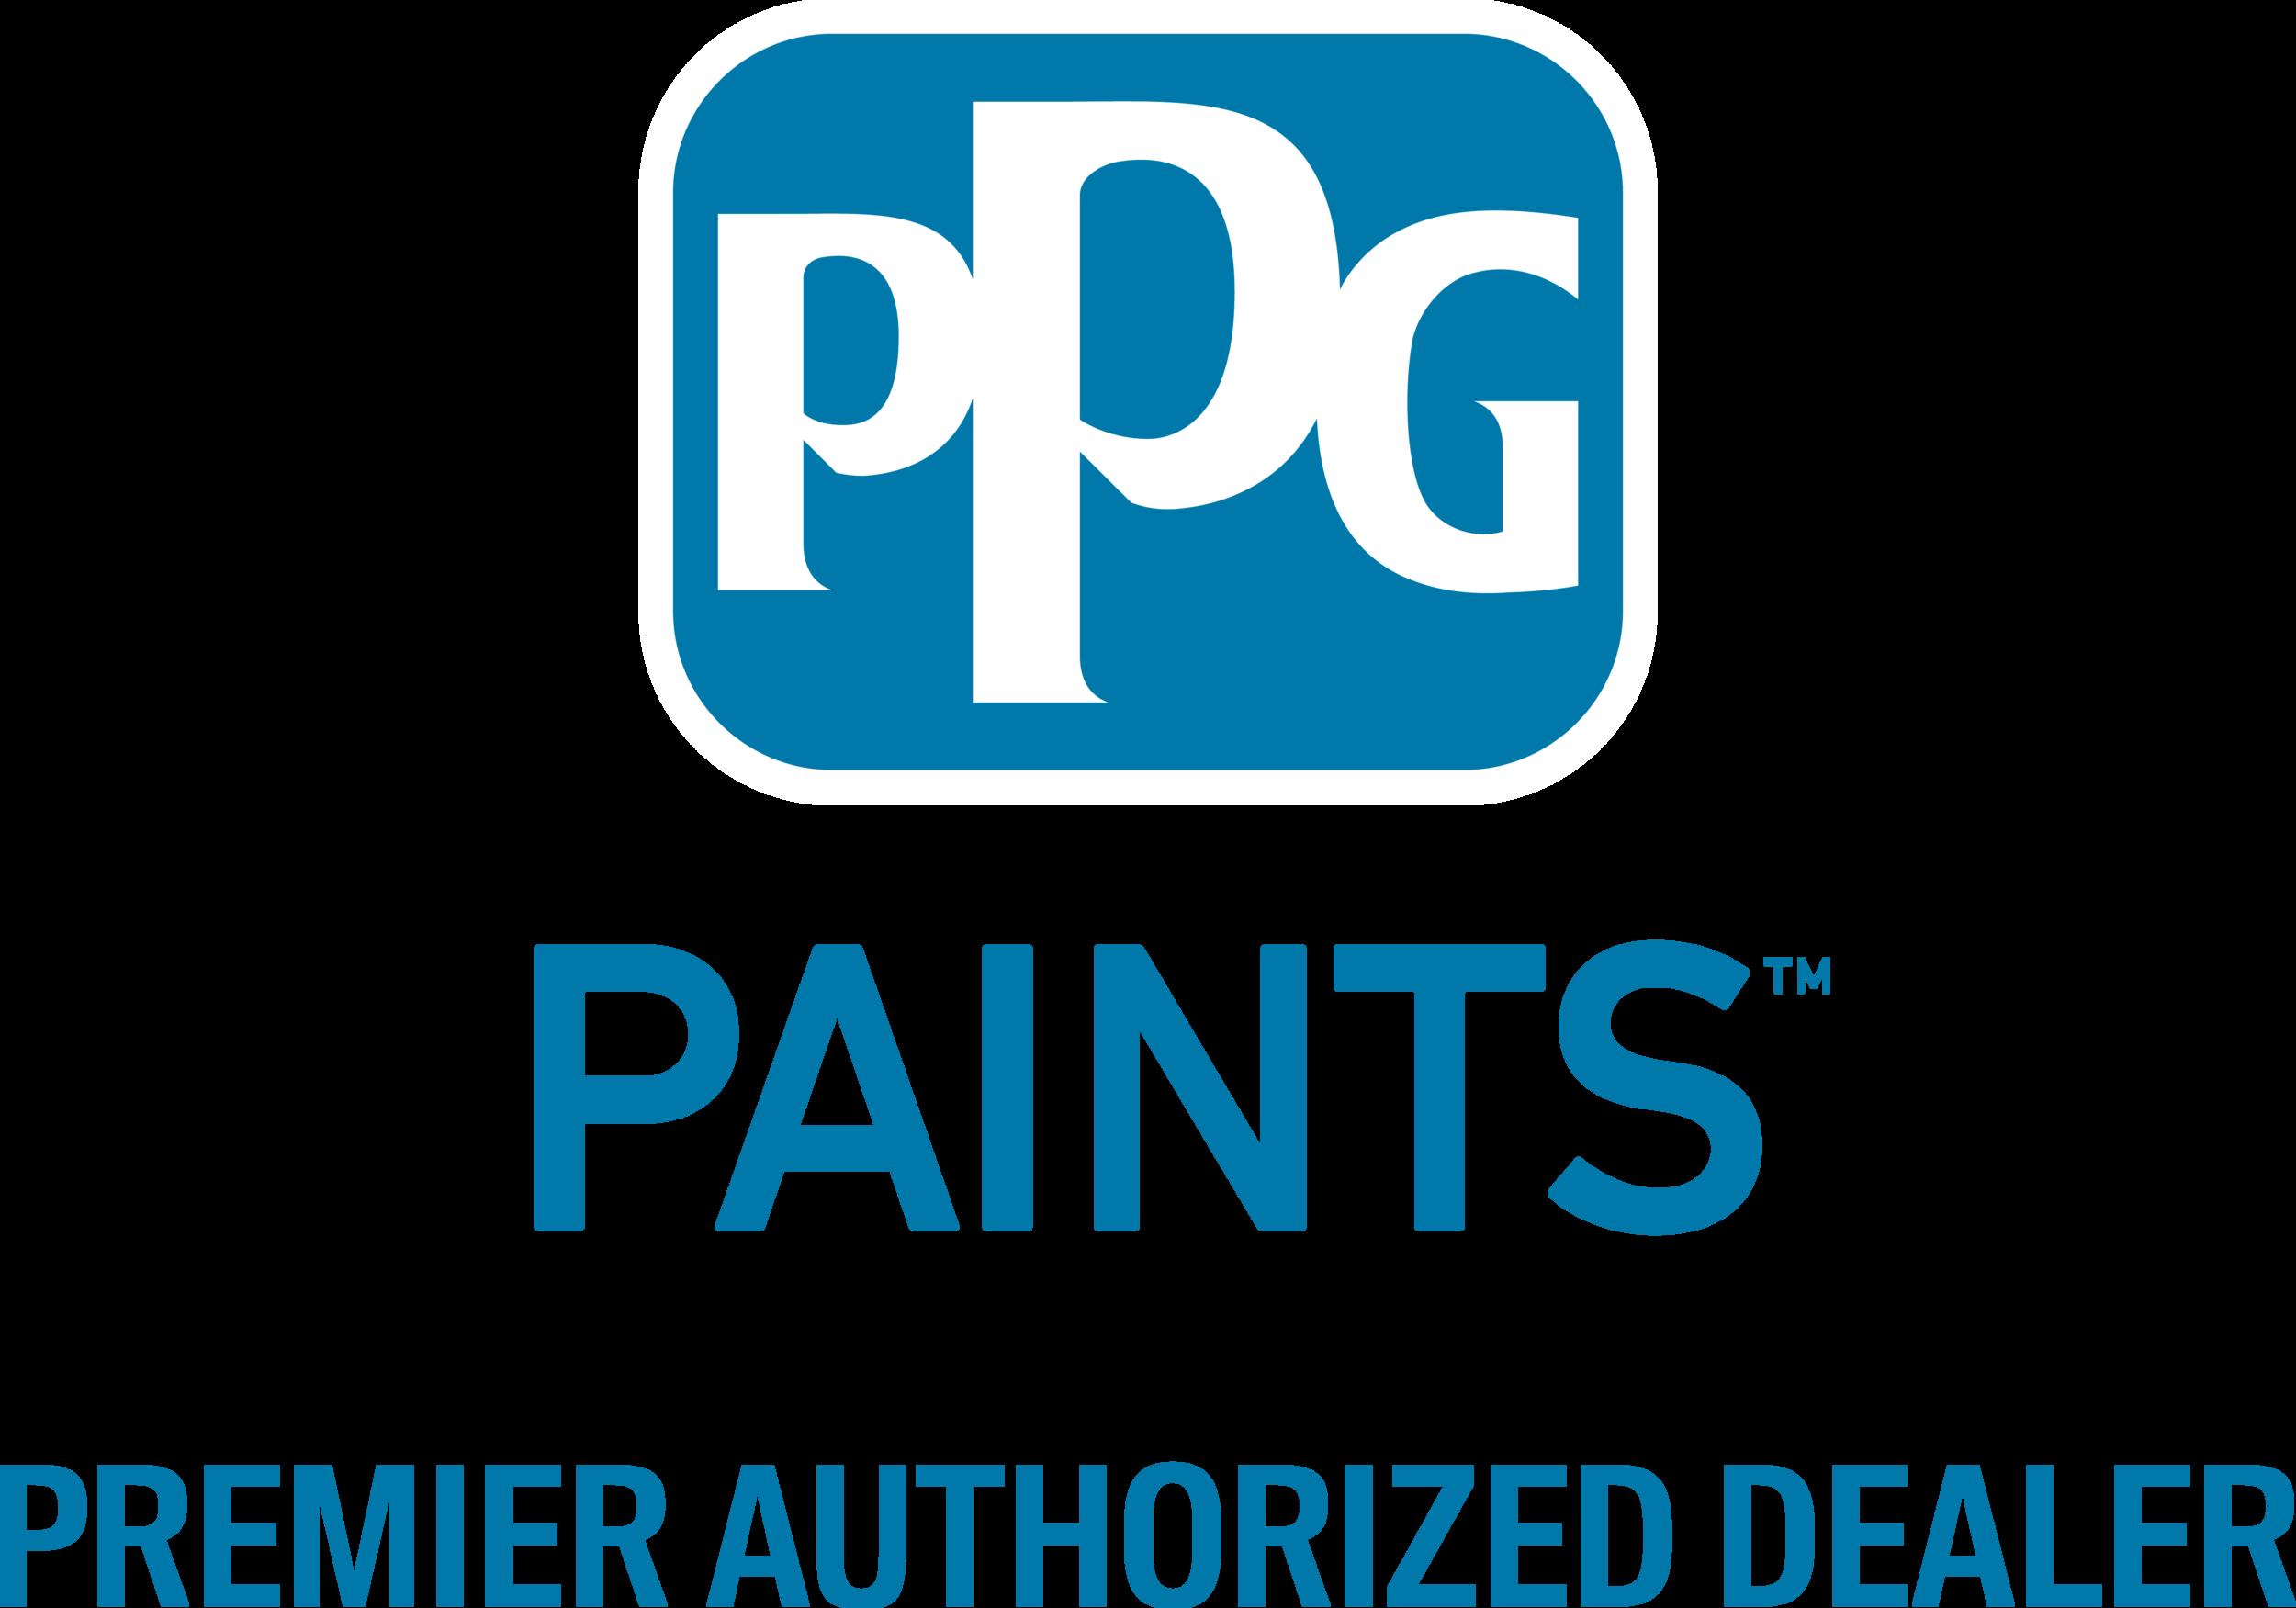 PPG_Paints_Premier_Auth_Dealer_POS_VERT.png